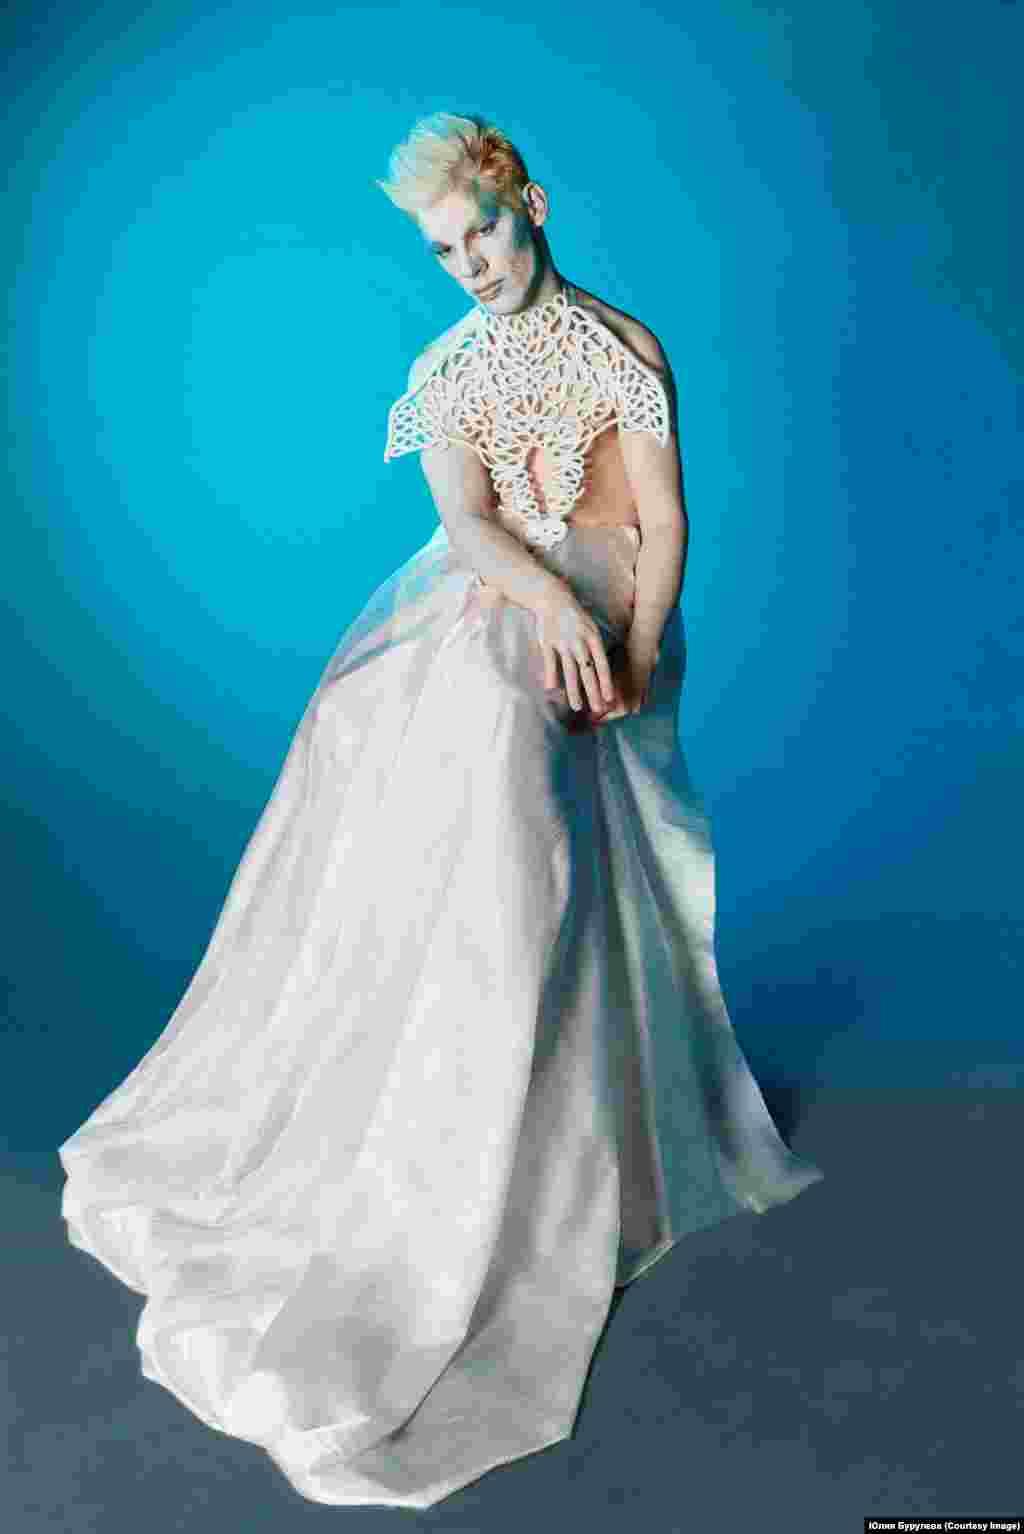 Владимир Ахапкин: «Меня признали моделью с физическими ограничениями одним из первых. Я снимался для немецкого телеканала RTL. Признан самой популярной моделью рунета по версии модной премии Moscow Fashion Day».